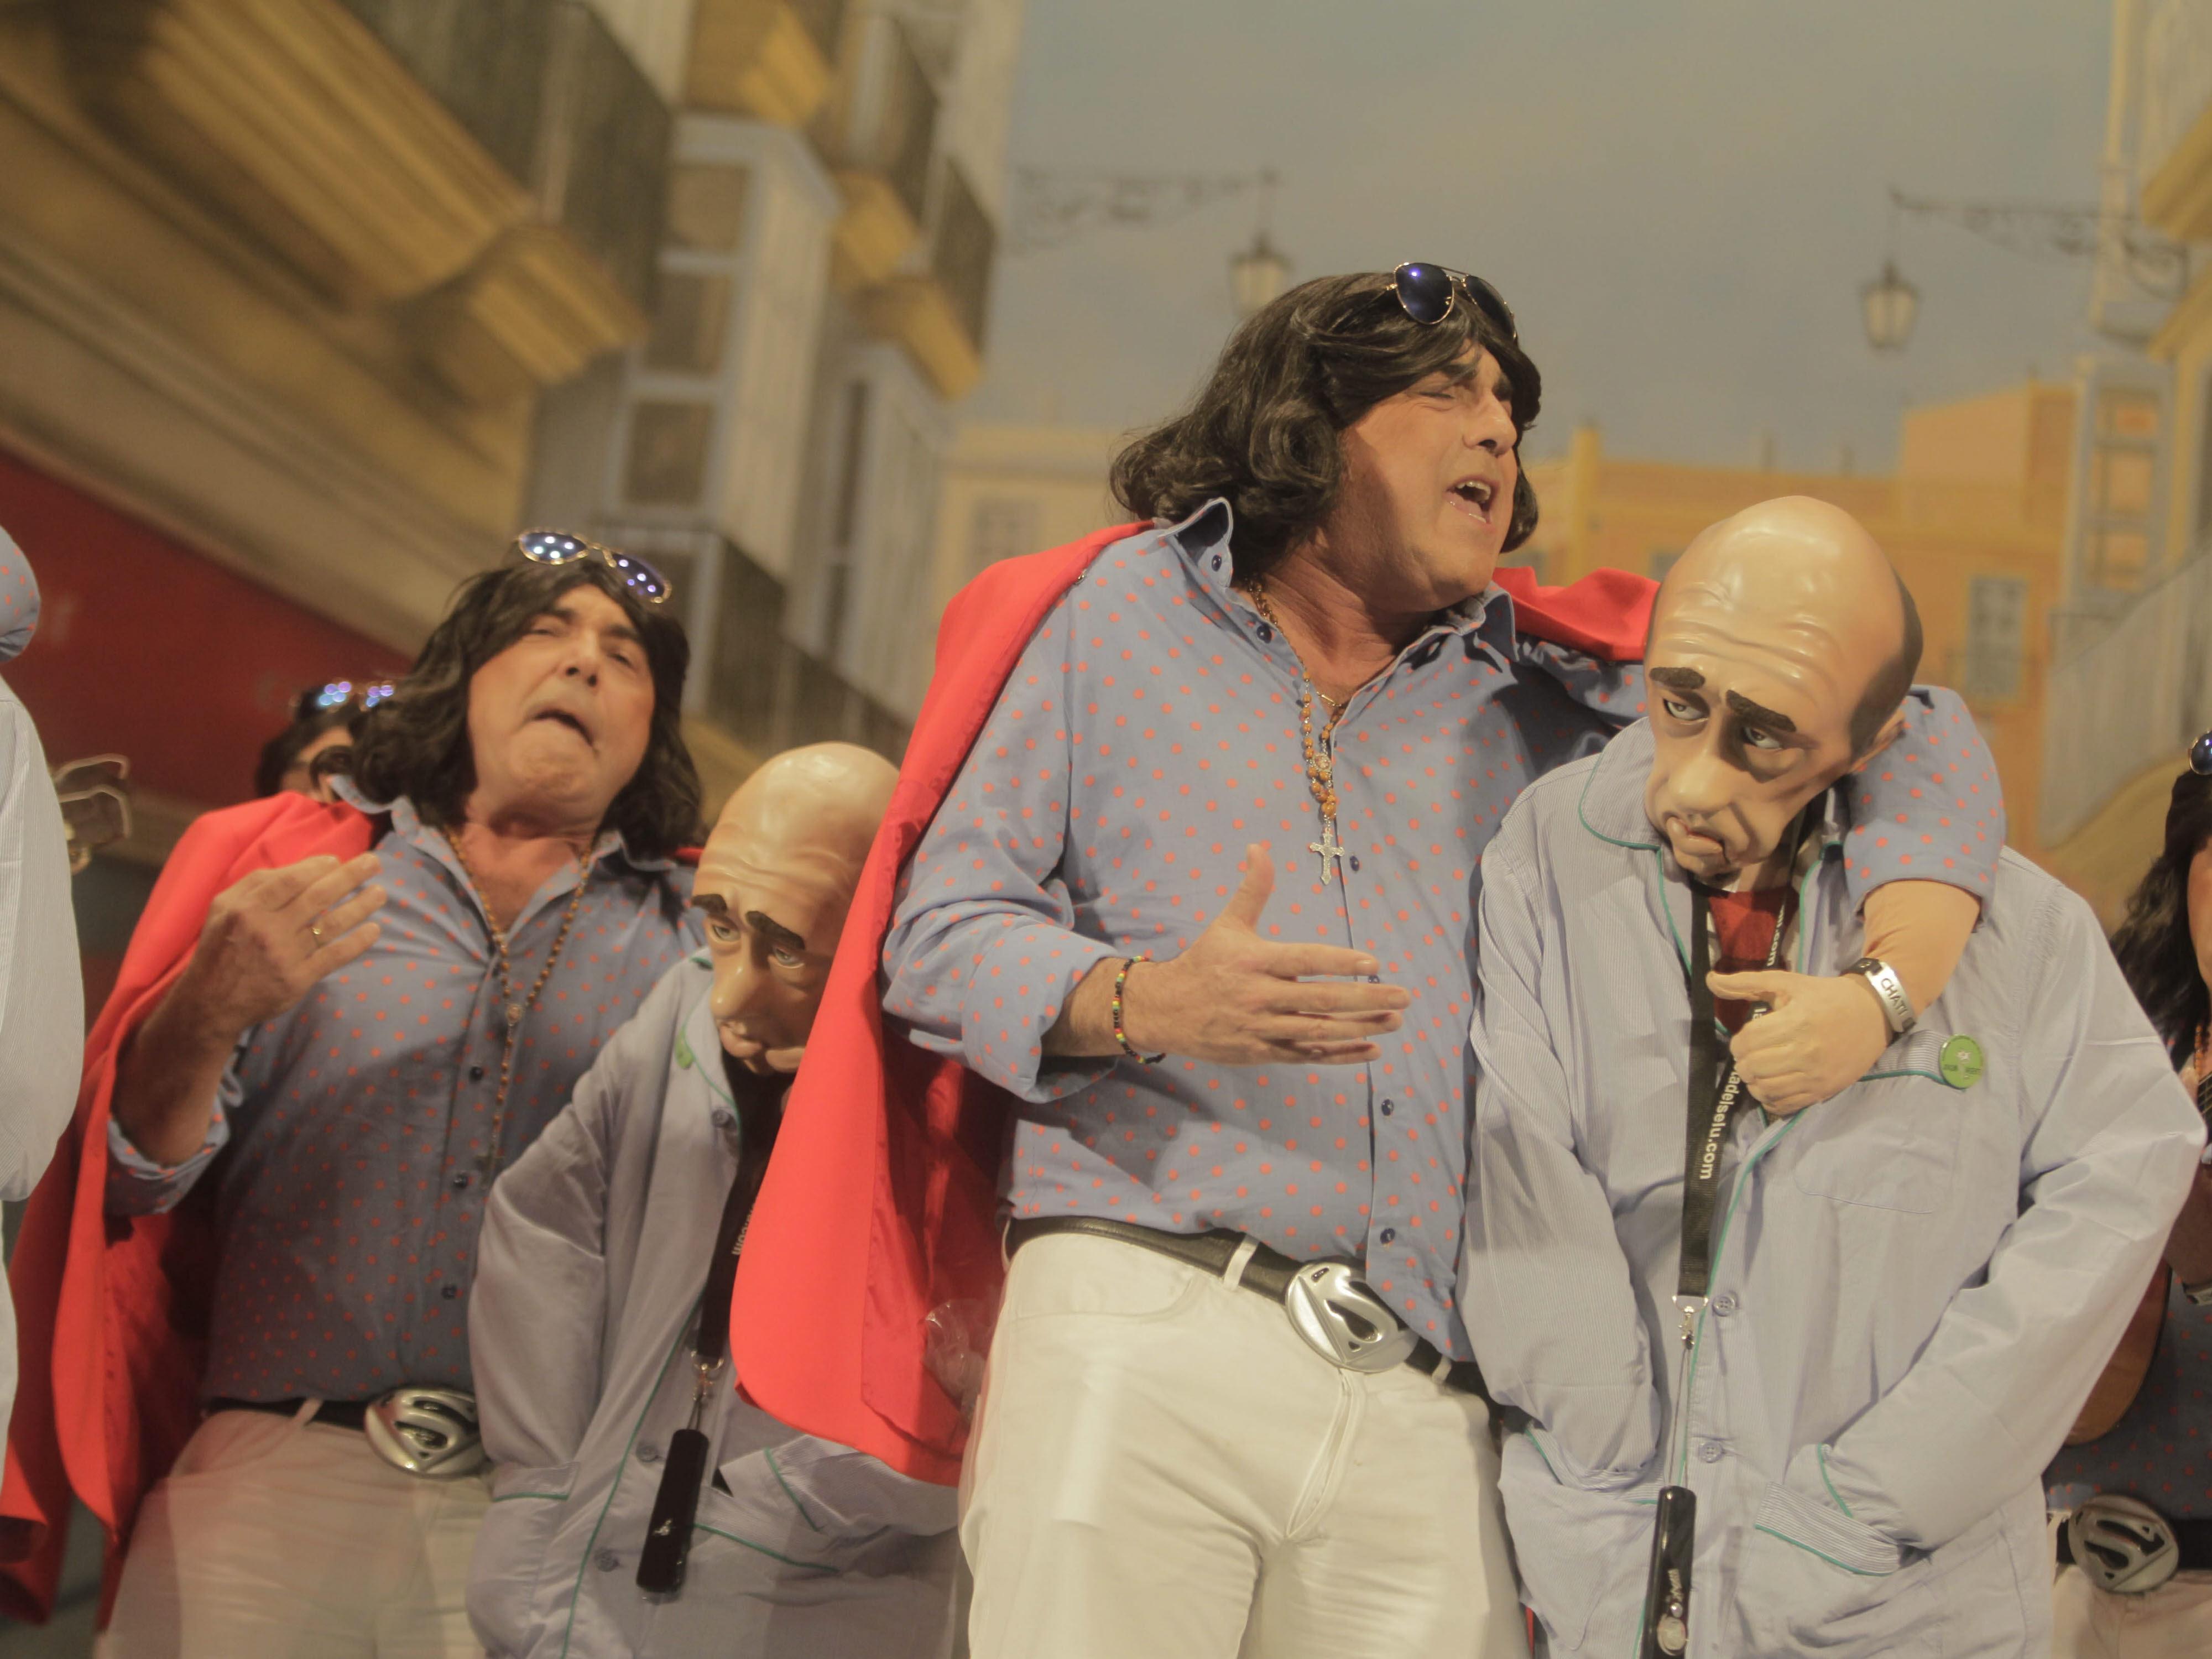 La Junta apoya el XX Certamen 'Coplas de Andalucía' que reconoce la dimensión andaluza del Carnaval de Cádiz